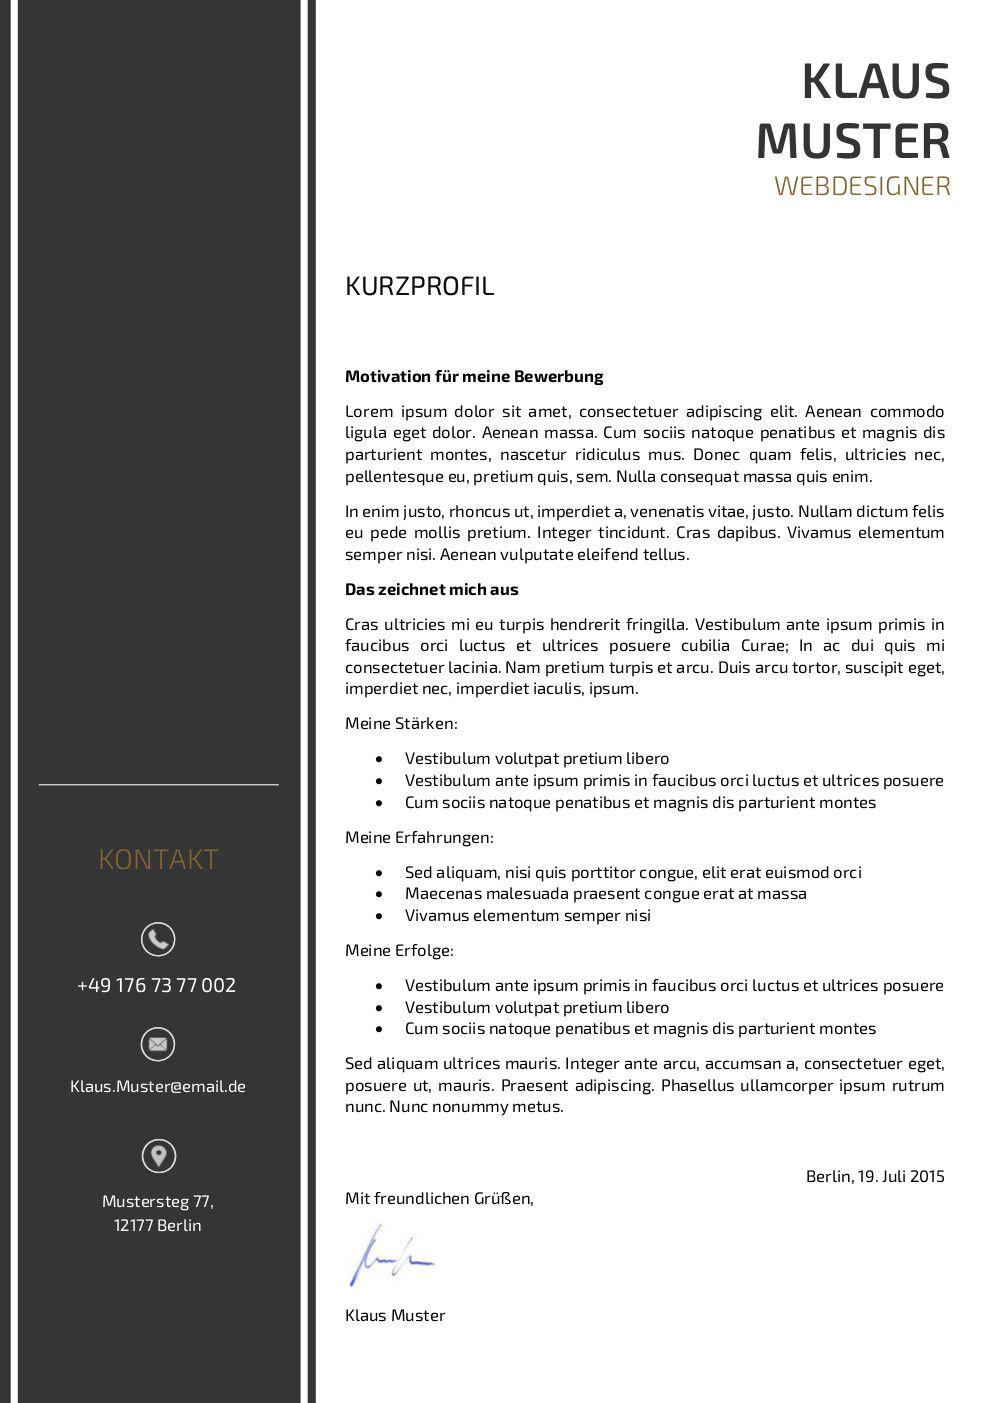 motivationsschreiben muster vorlage 3 - Motivationsschreiben Bewerbung Muster